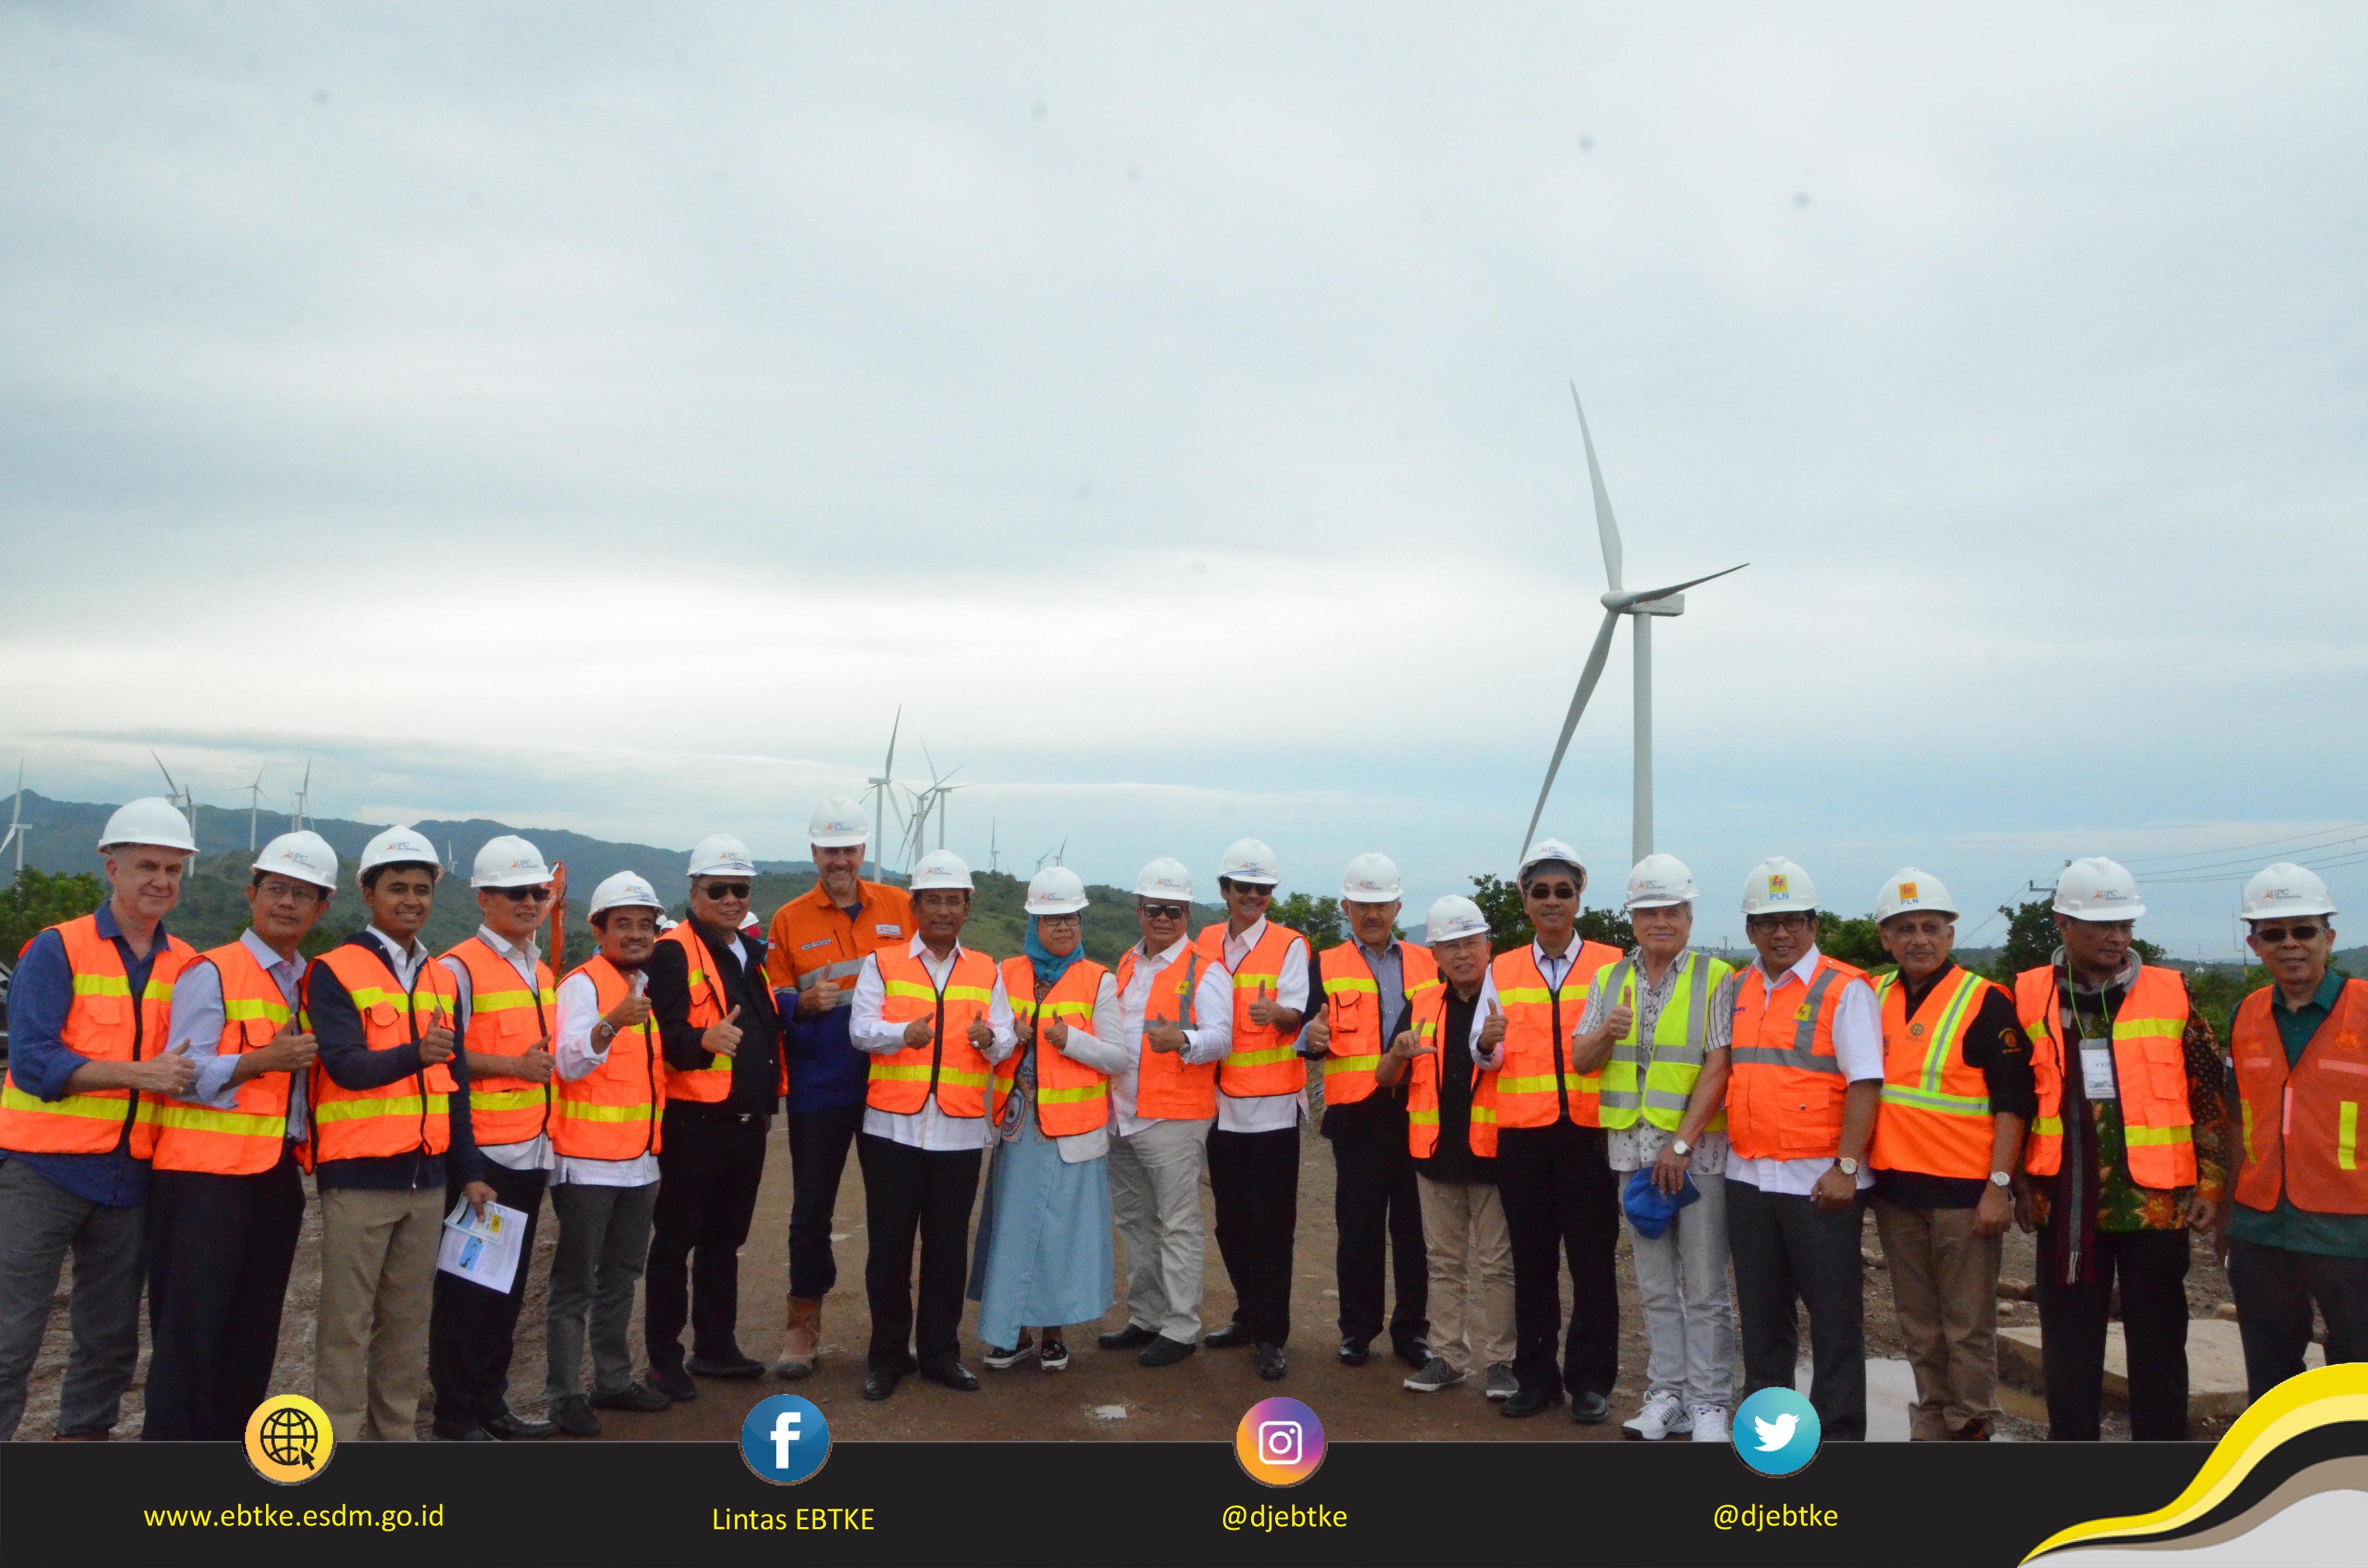 Foto Bersama: Dirjen EBTKE dan Anggota Komisi VII DPR RI serta Management PT UPC Sidrap Bayu Energi